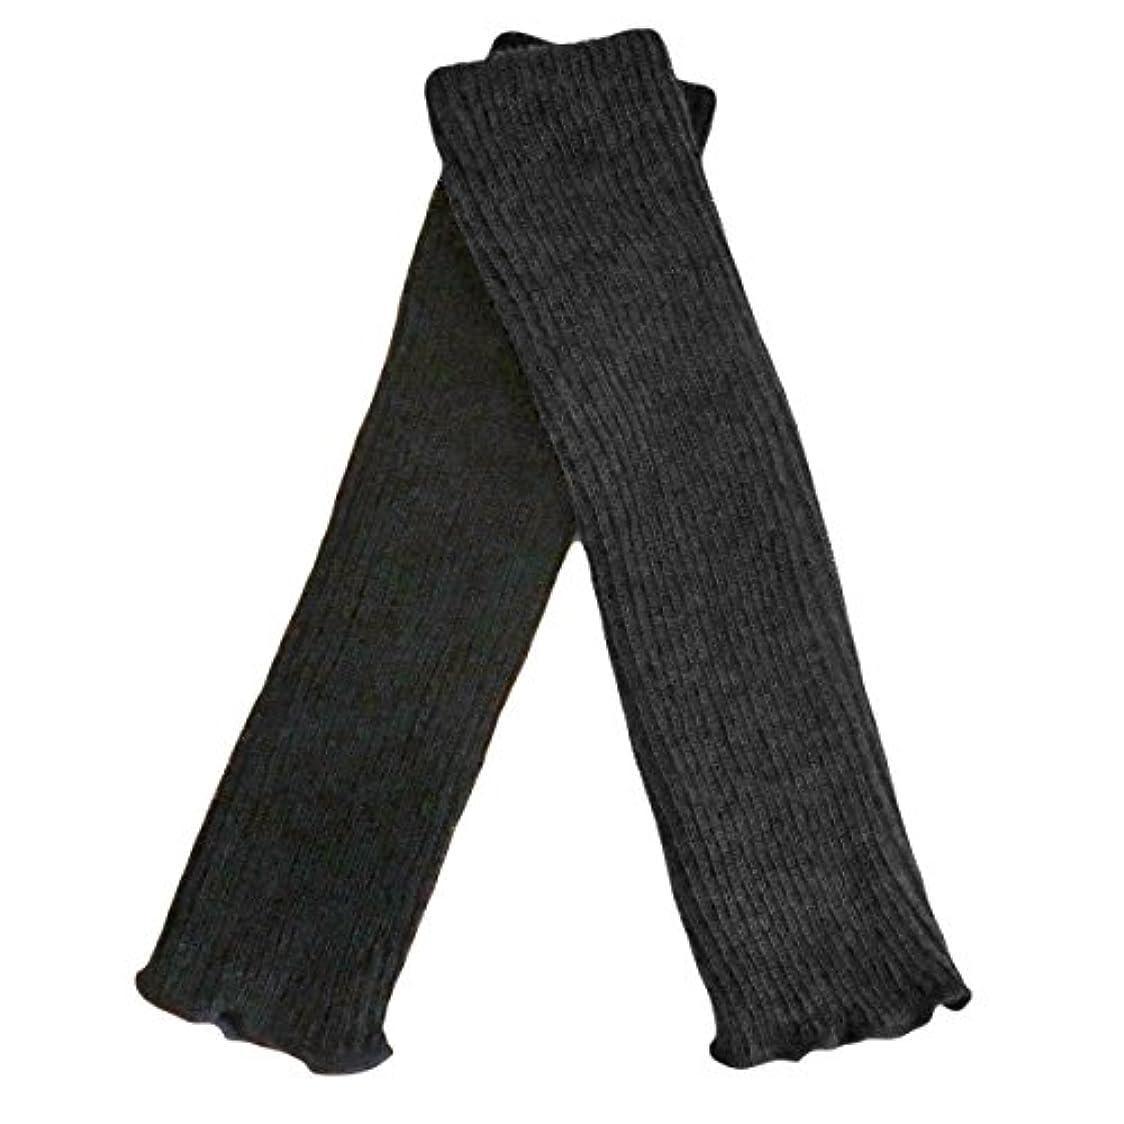 精査シンボルマニフェストシルクウール二重編みレッグウォーマー 内絹外毛の二重縫製があたたかい厚手レッグウォーマー (チャコール)